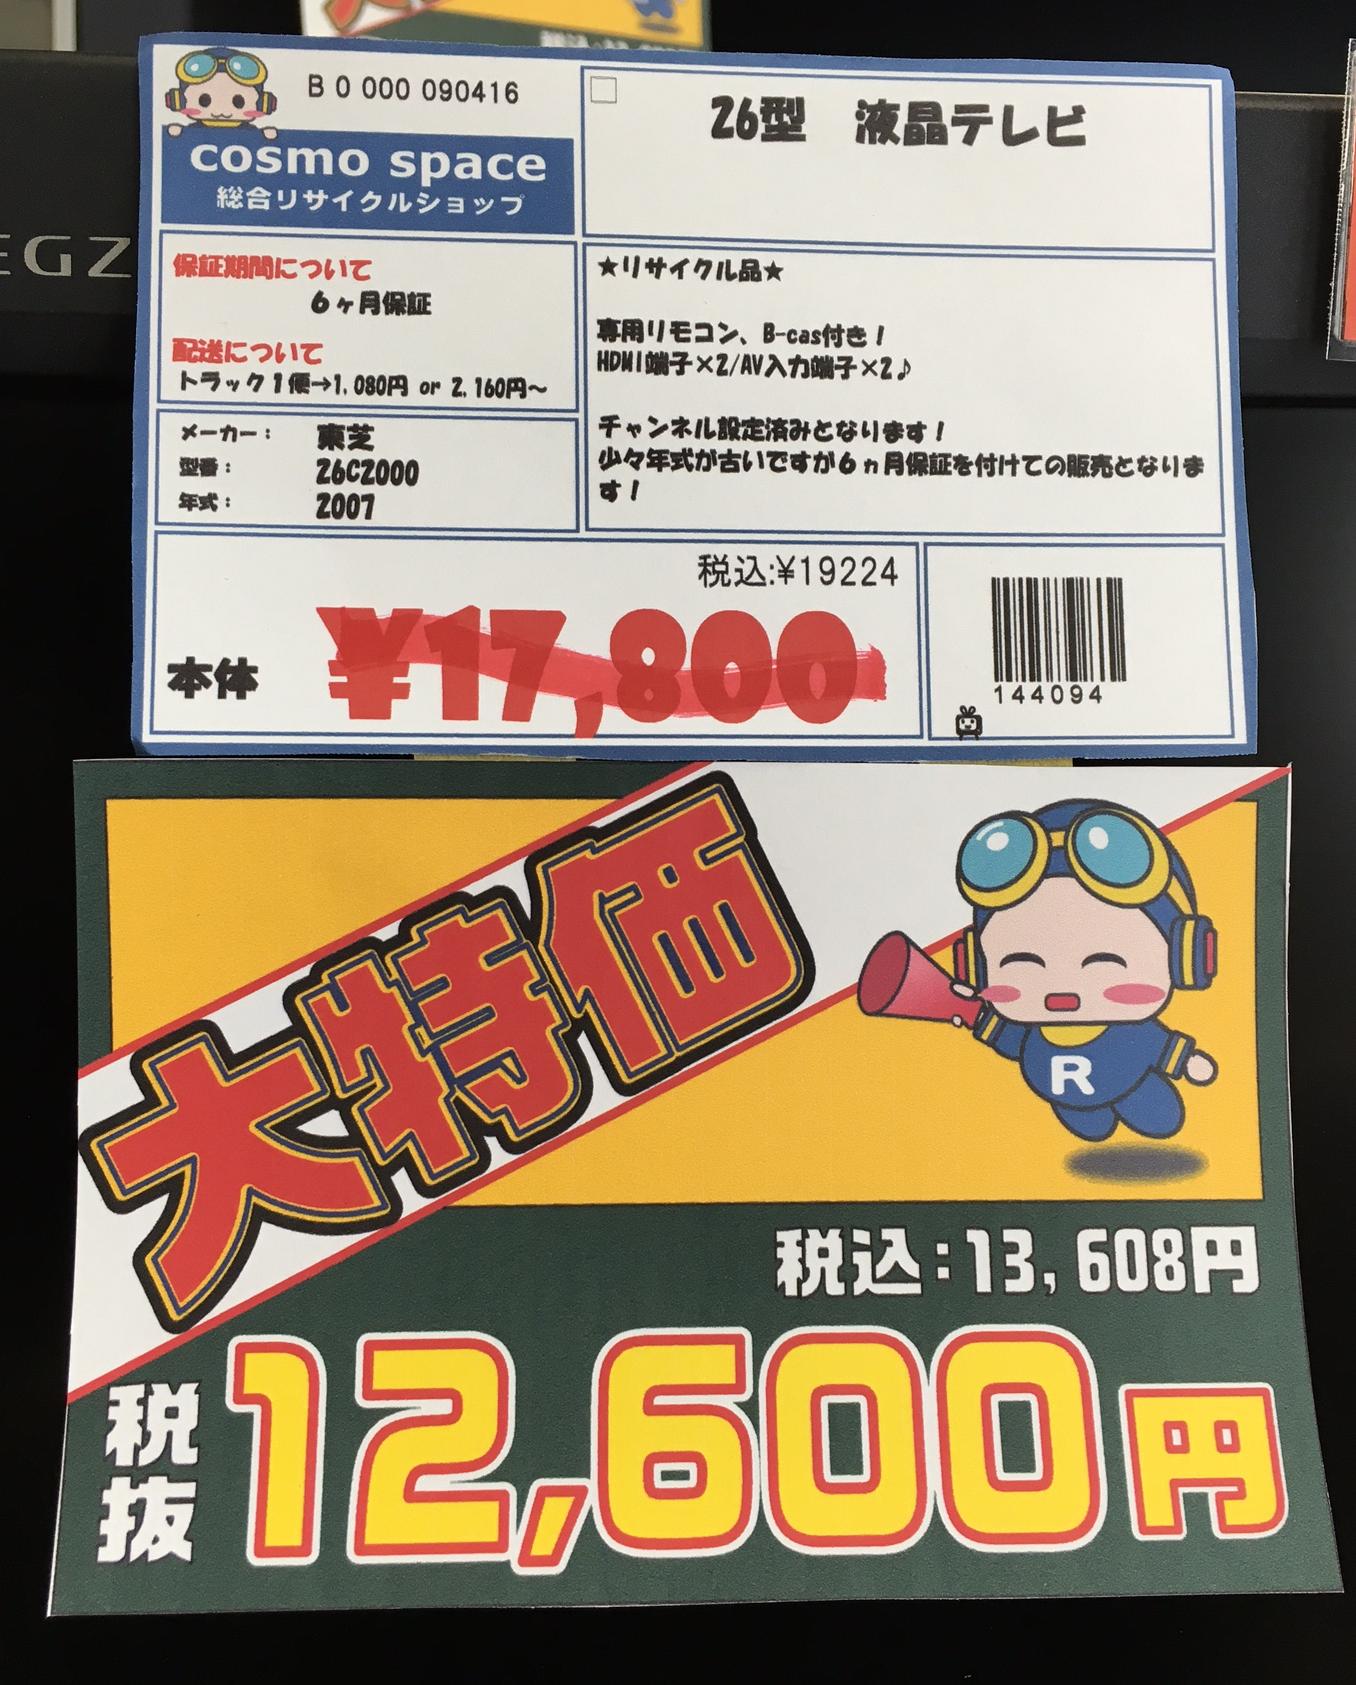 26インチ液晶テレビ特価参考